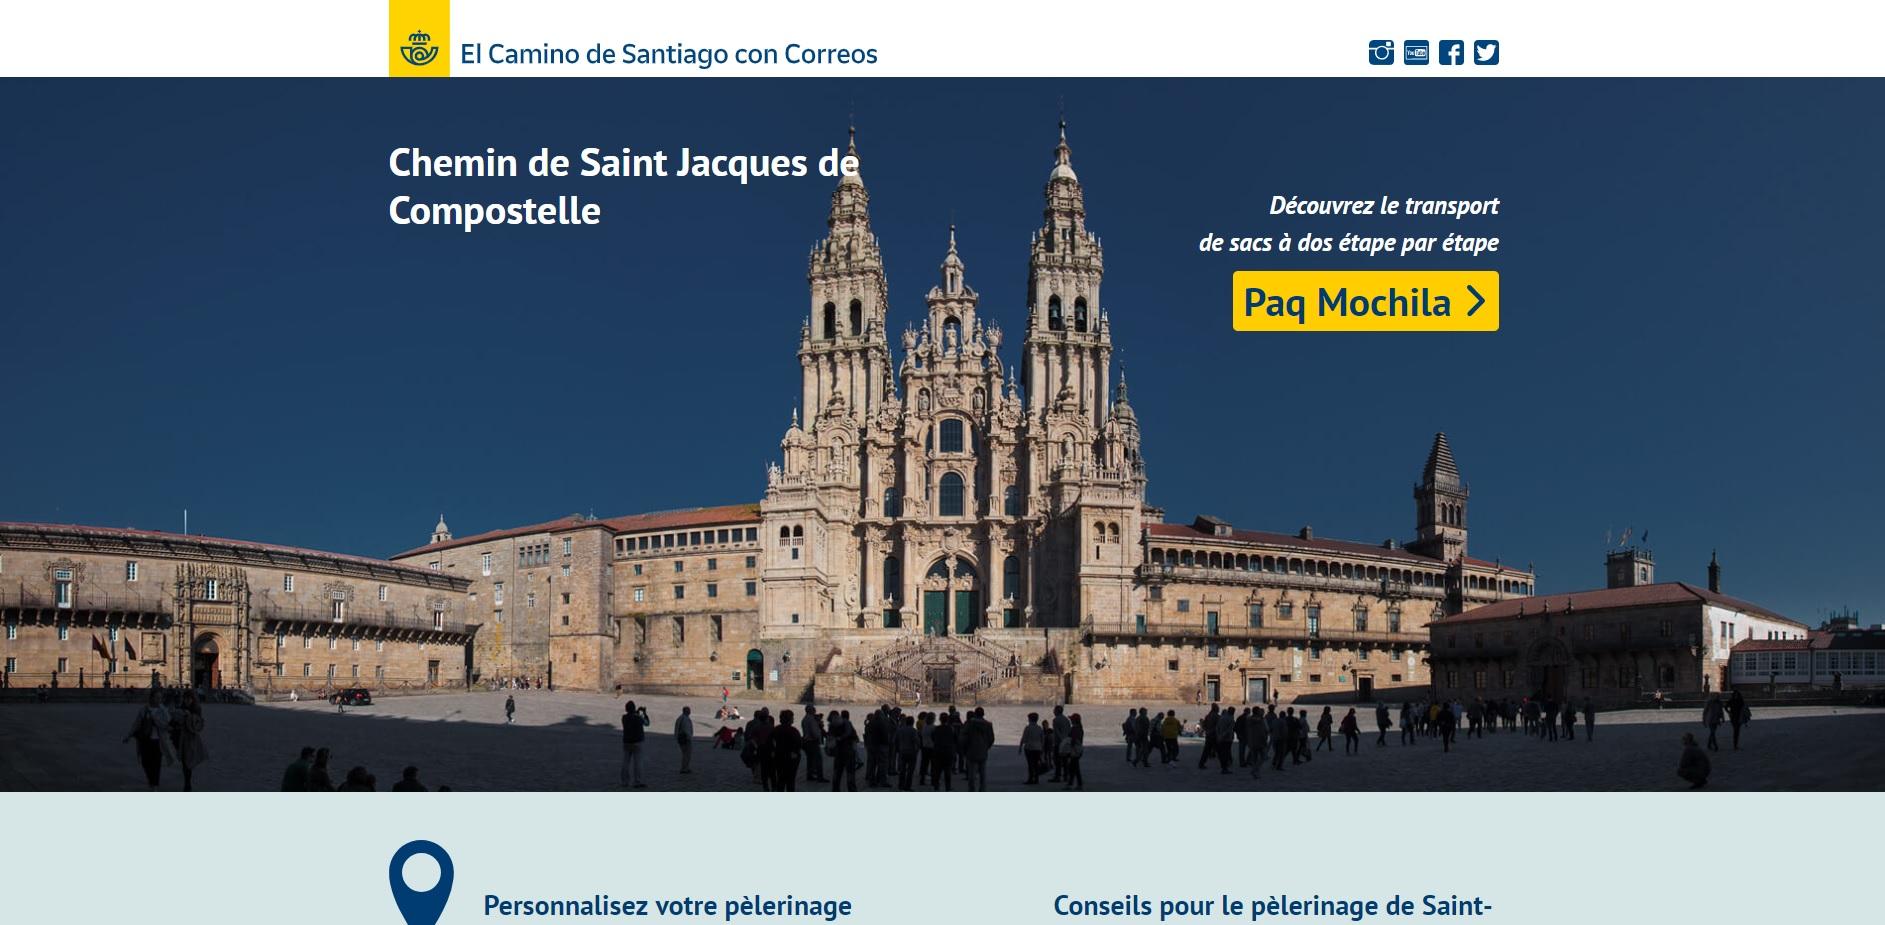 Los peregrinos franceses cuentan con una web especializada en el Camino de Santiago